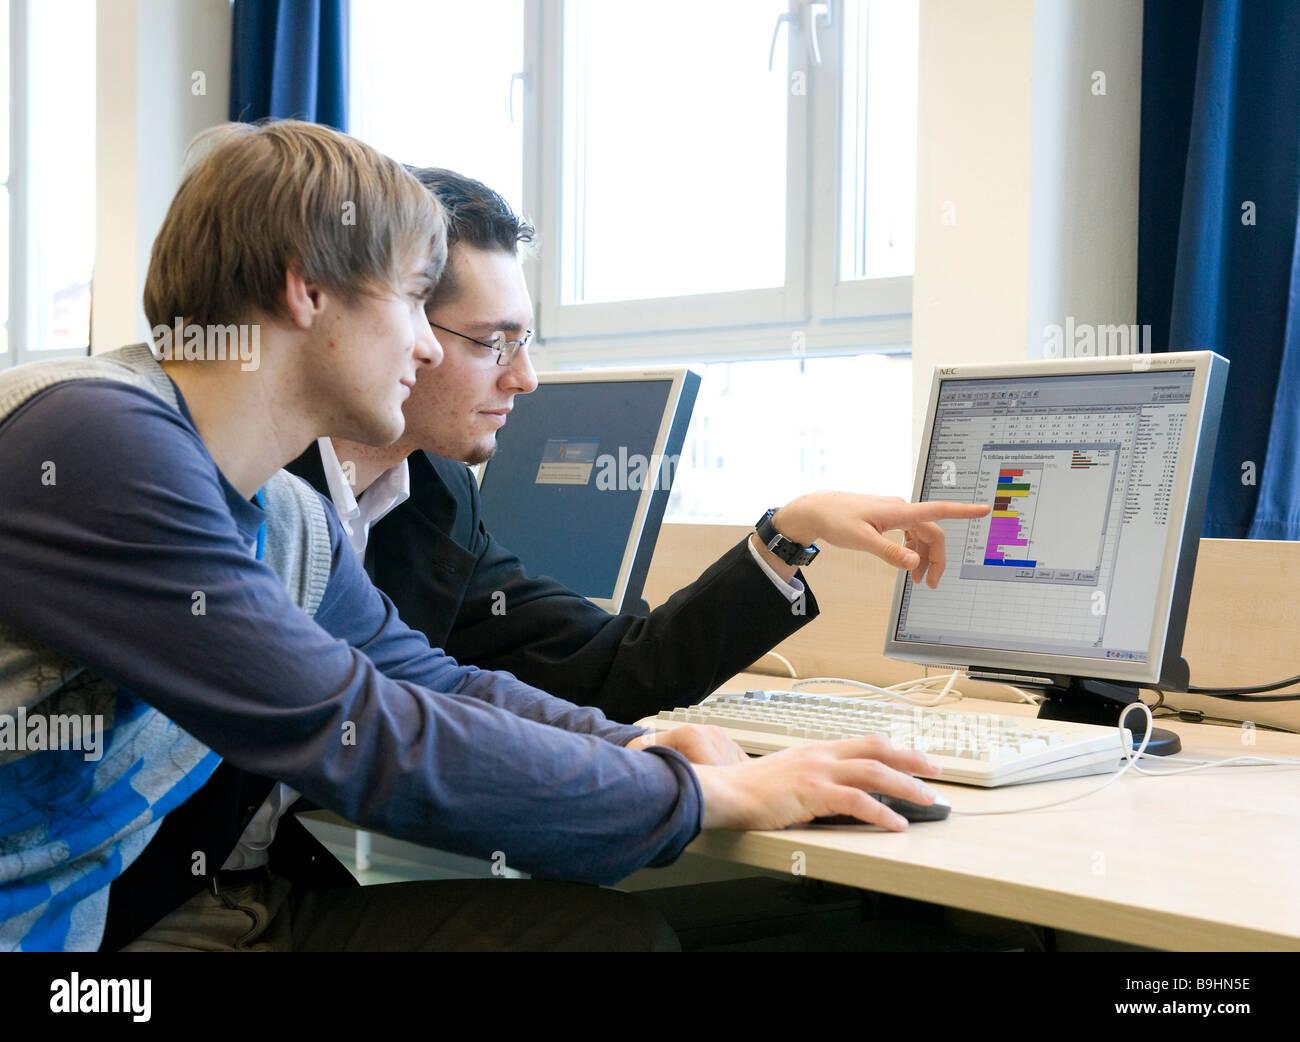 Jugendliche, die an einem Computer arbeiten mit Grafiken und Tabellen Stockbild